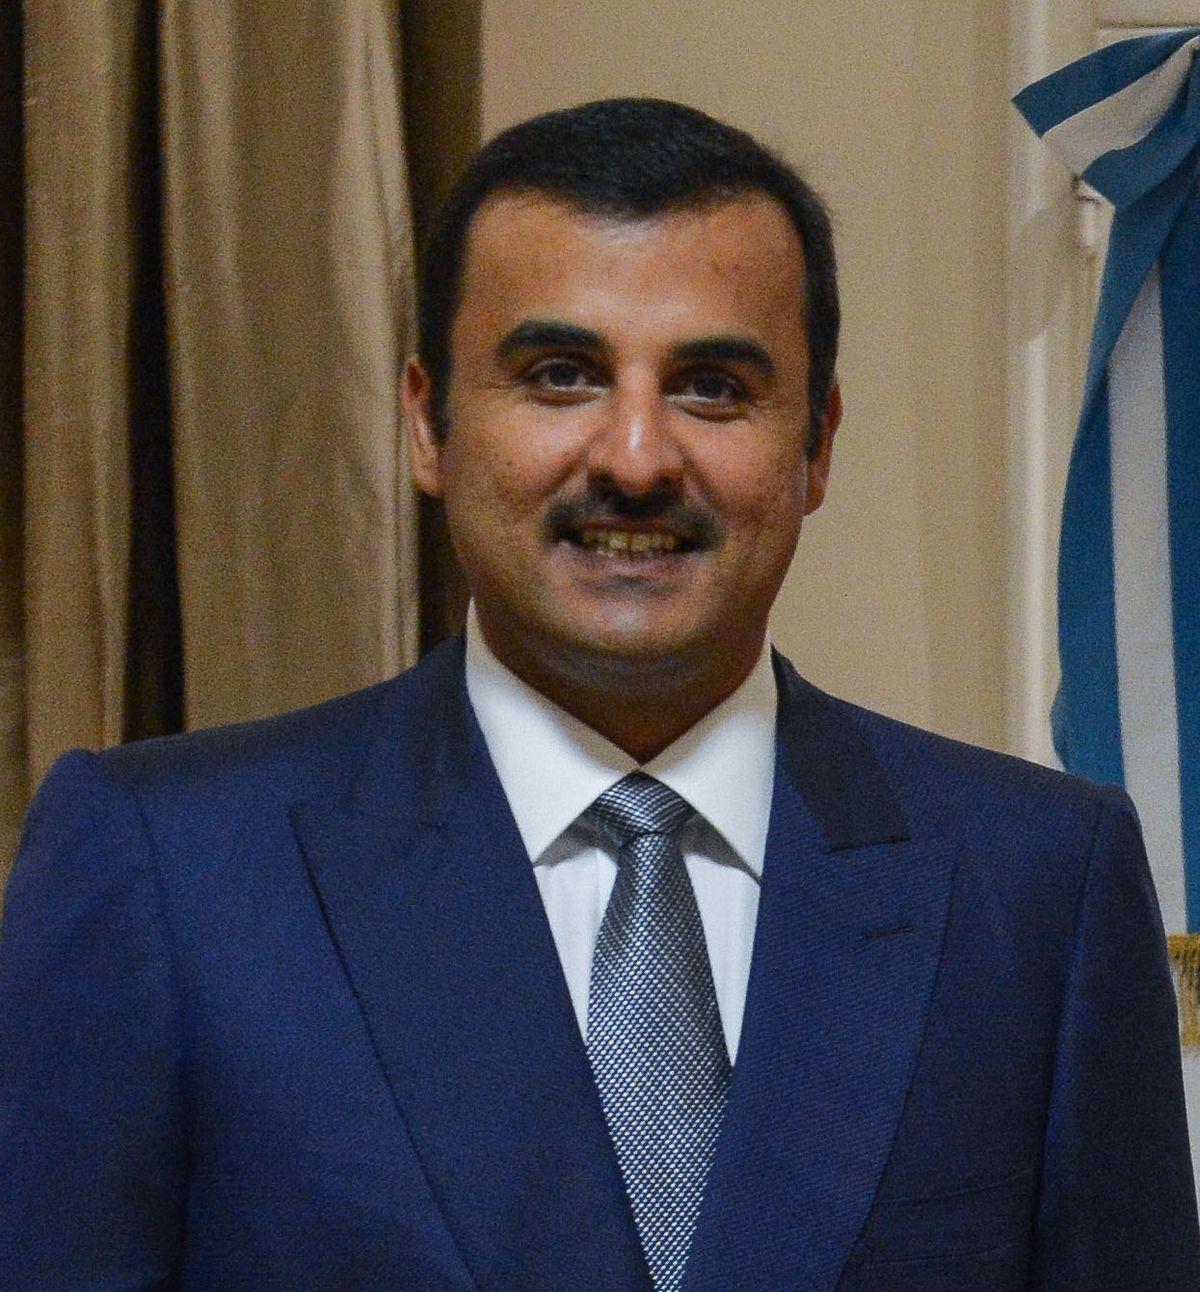 تميم بن حمد بن خليفة آل ثاني المعرفة